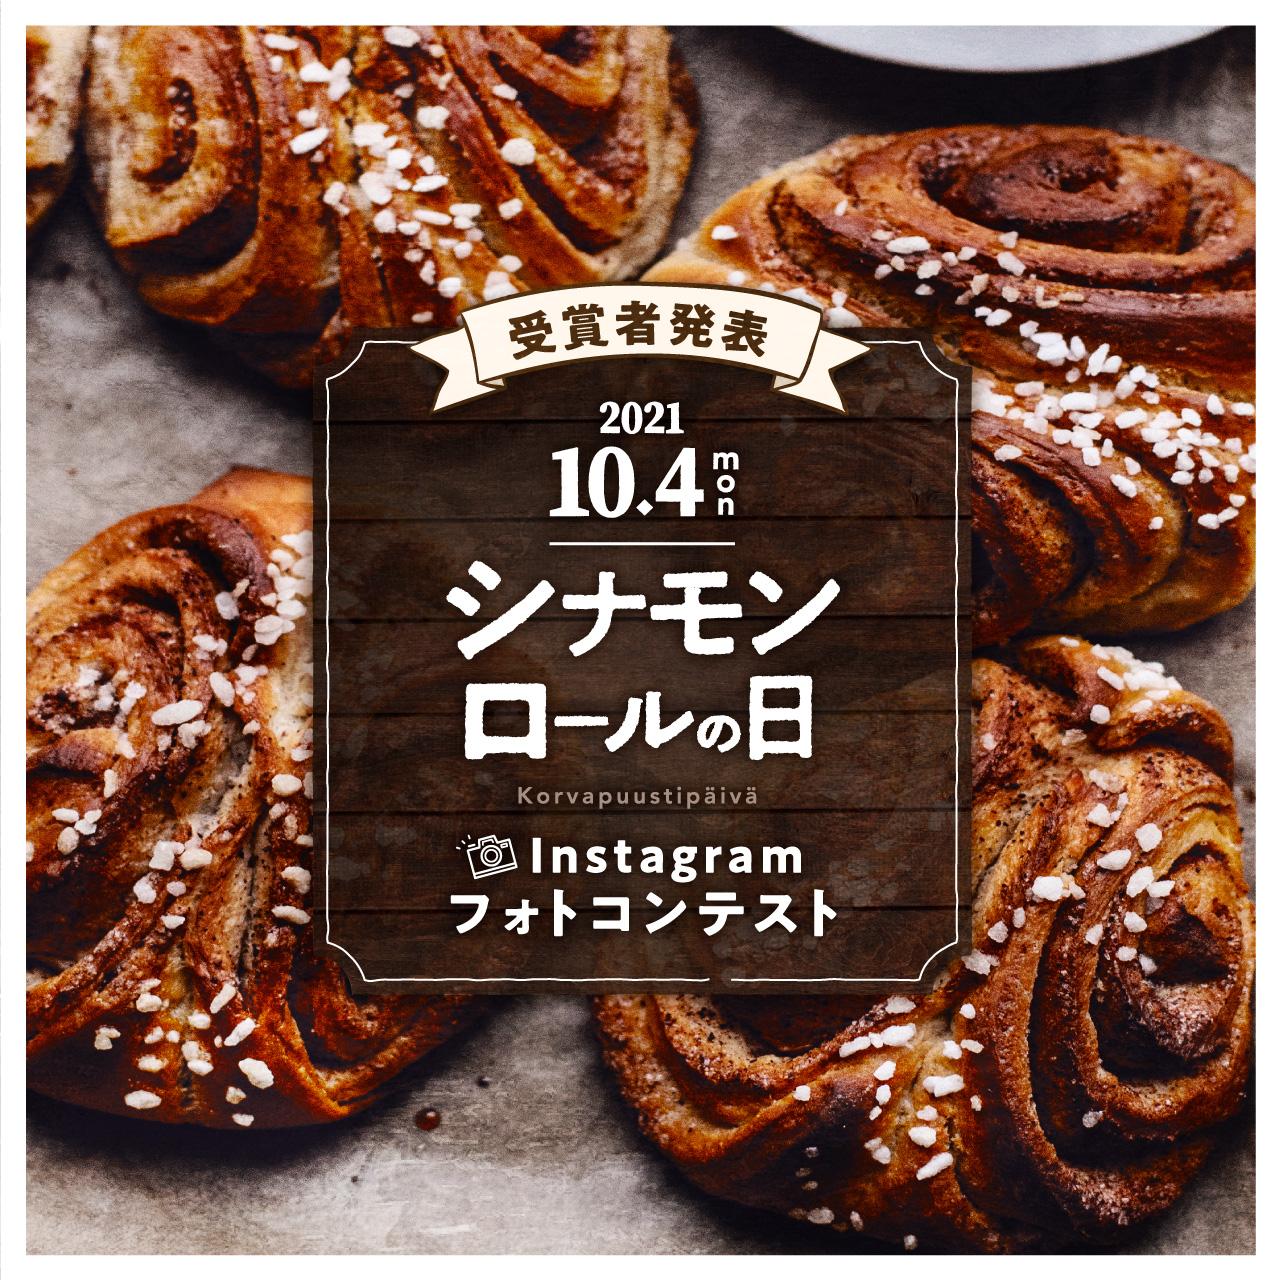 「10月4日シナモンロールの日」Instagramフォトコンテスト受賞者発表!